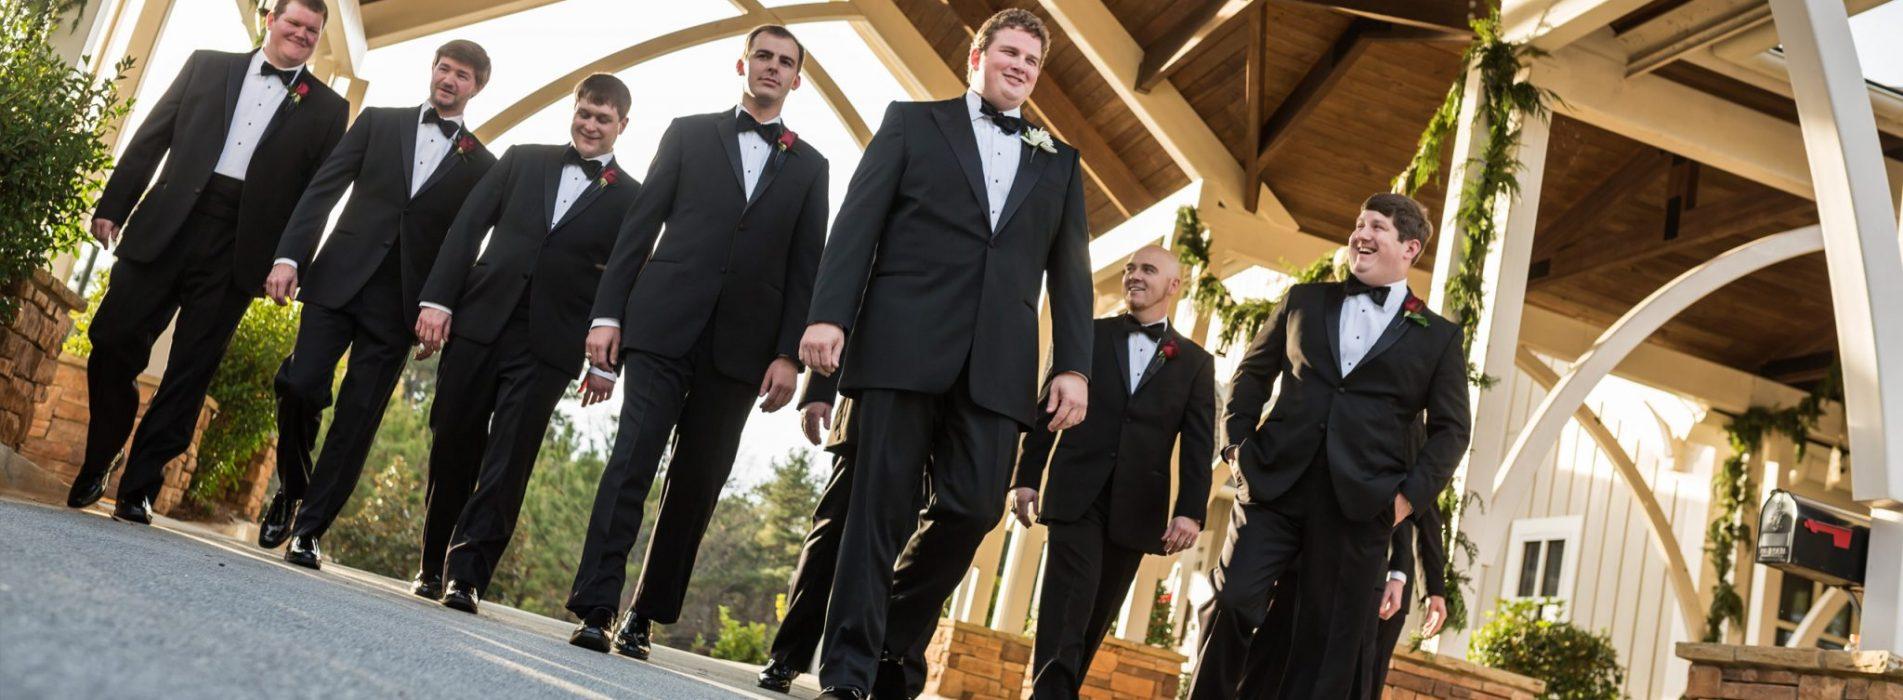 Online Tuxedo Rental - black tie BY LORI